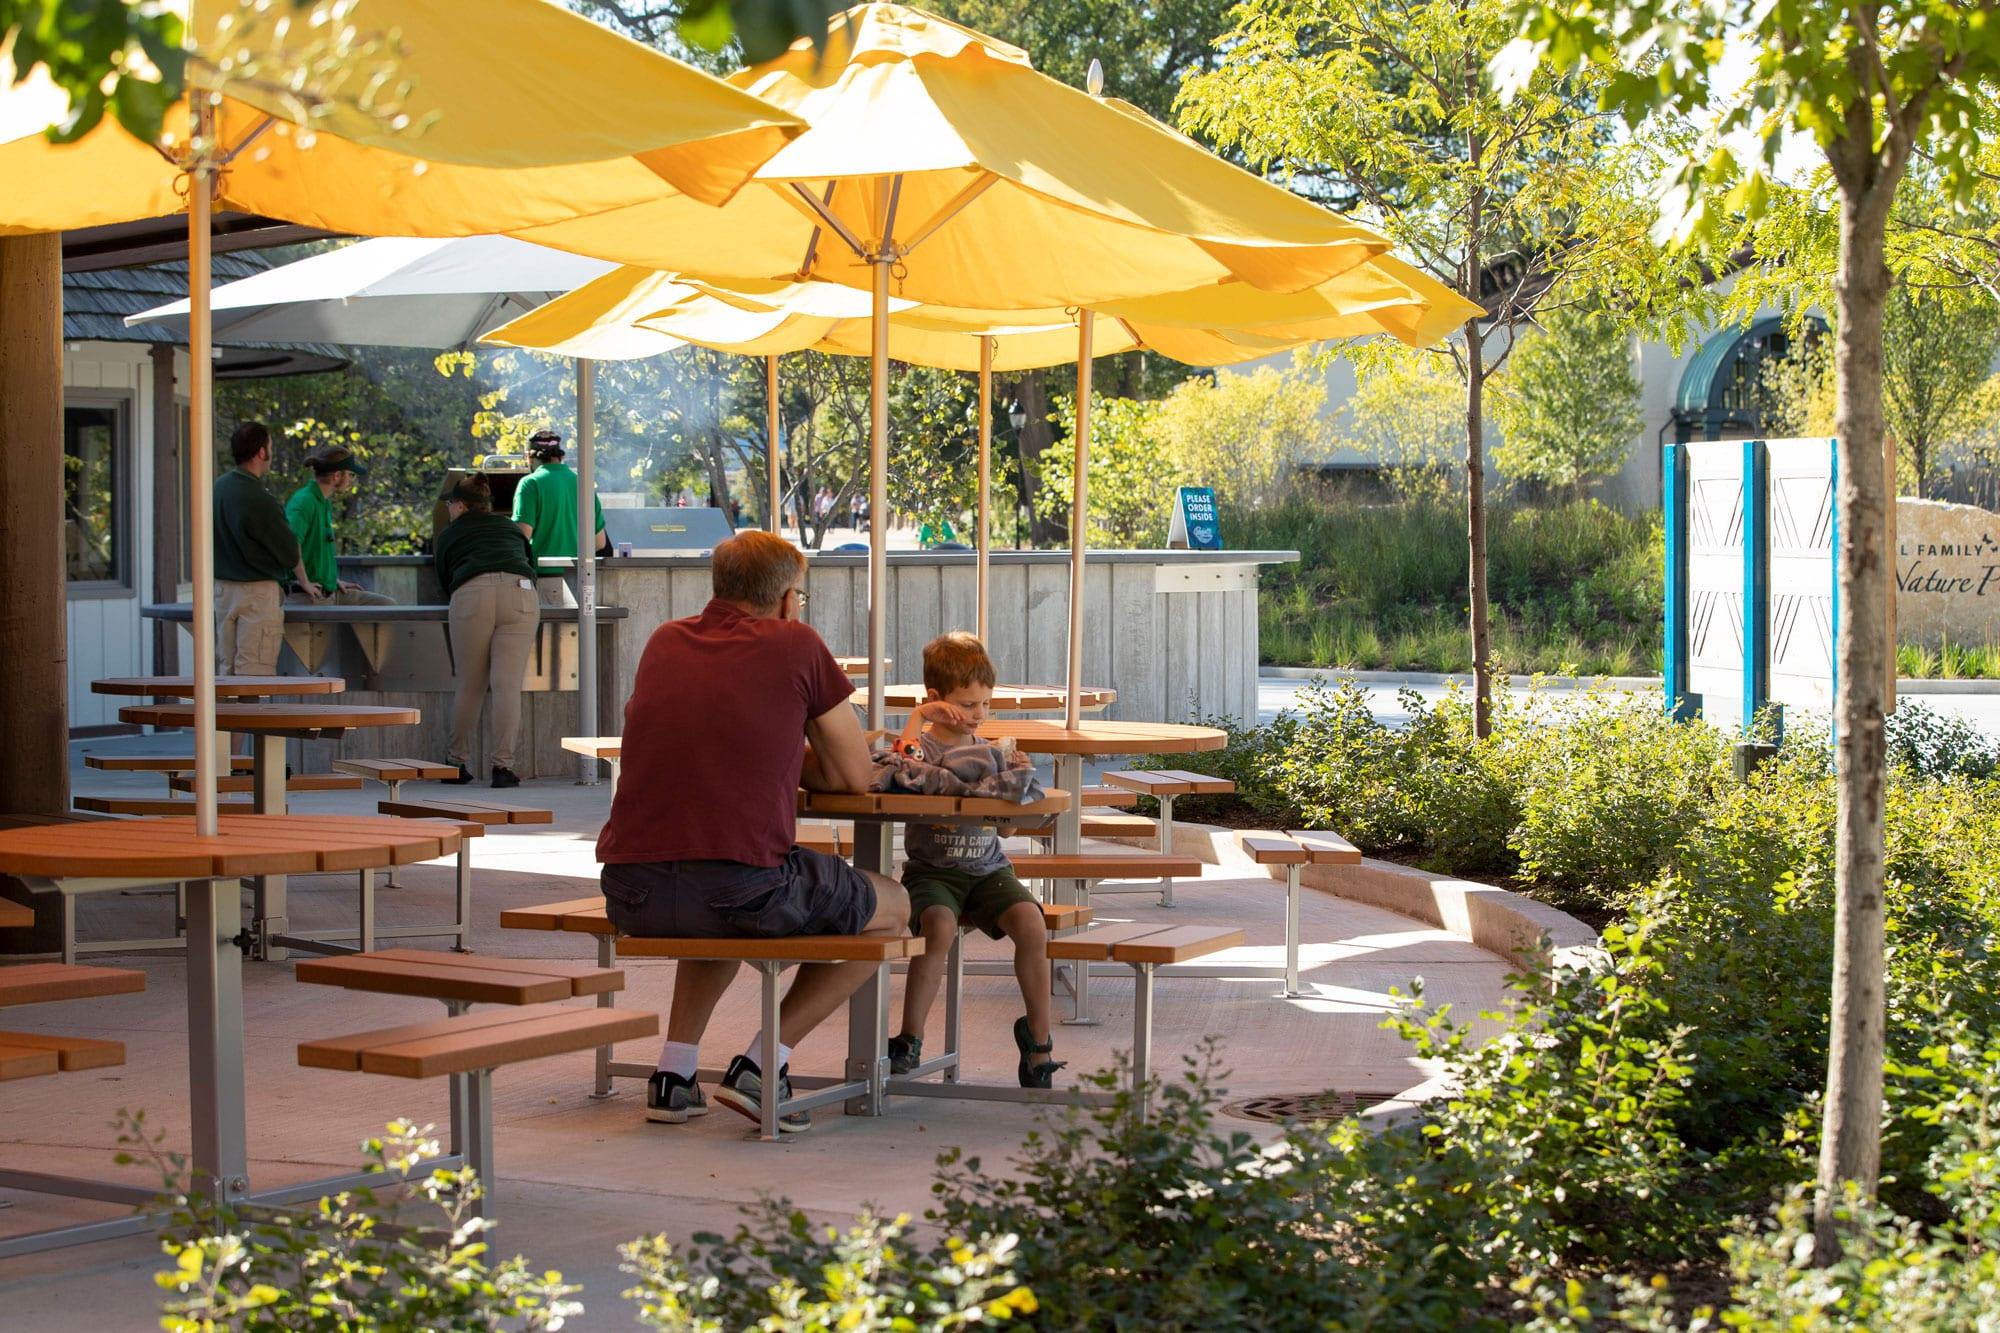 hamill-family-nature-plaza-926b